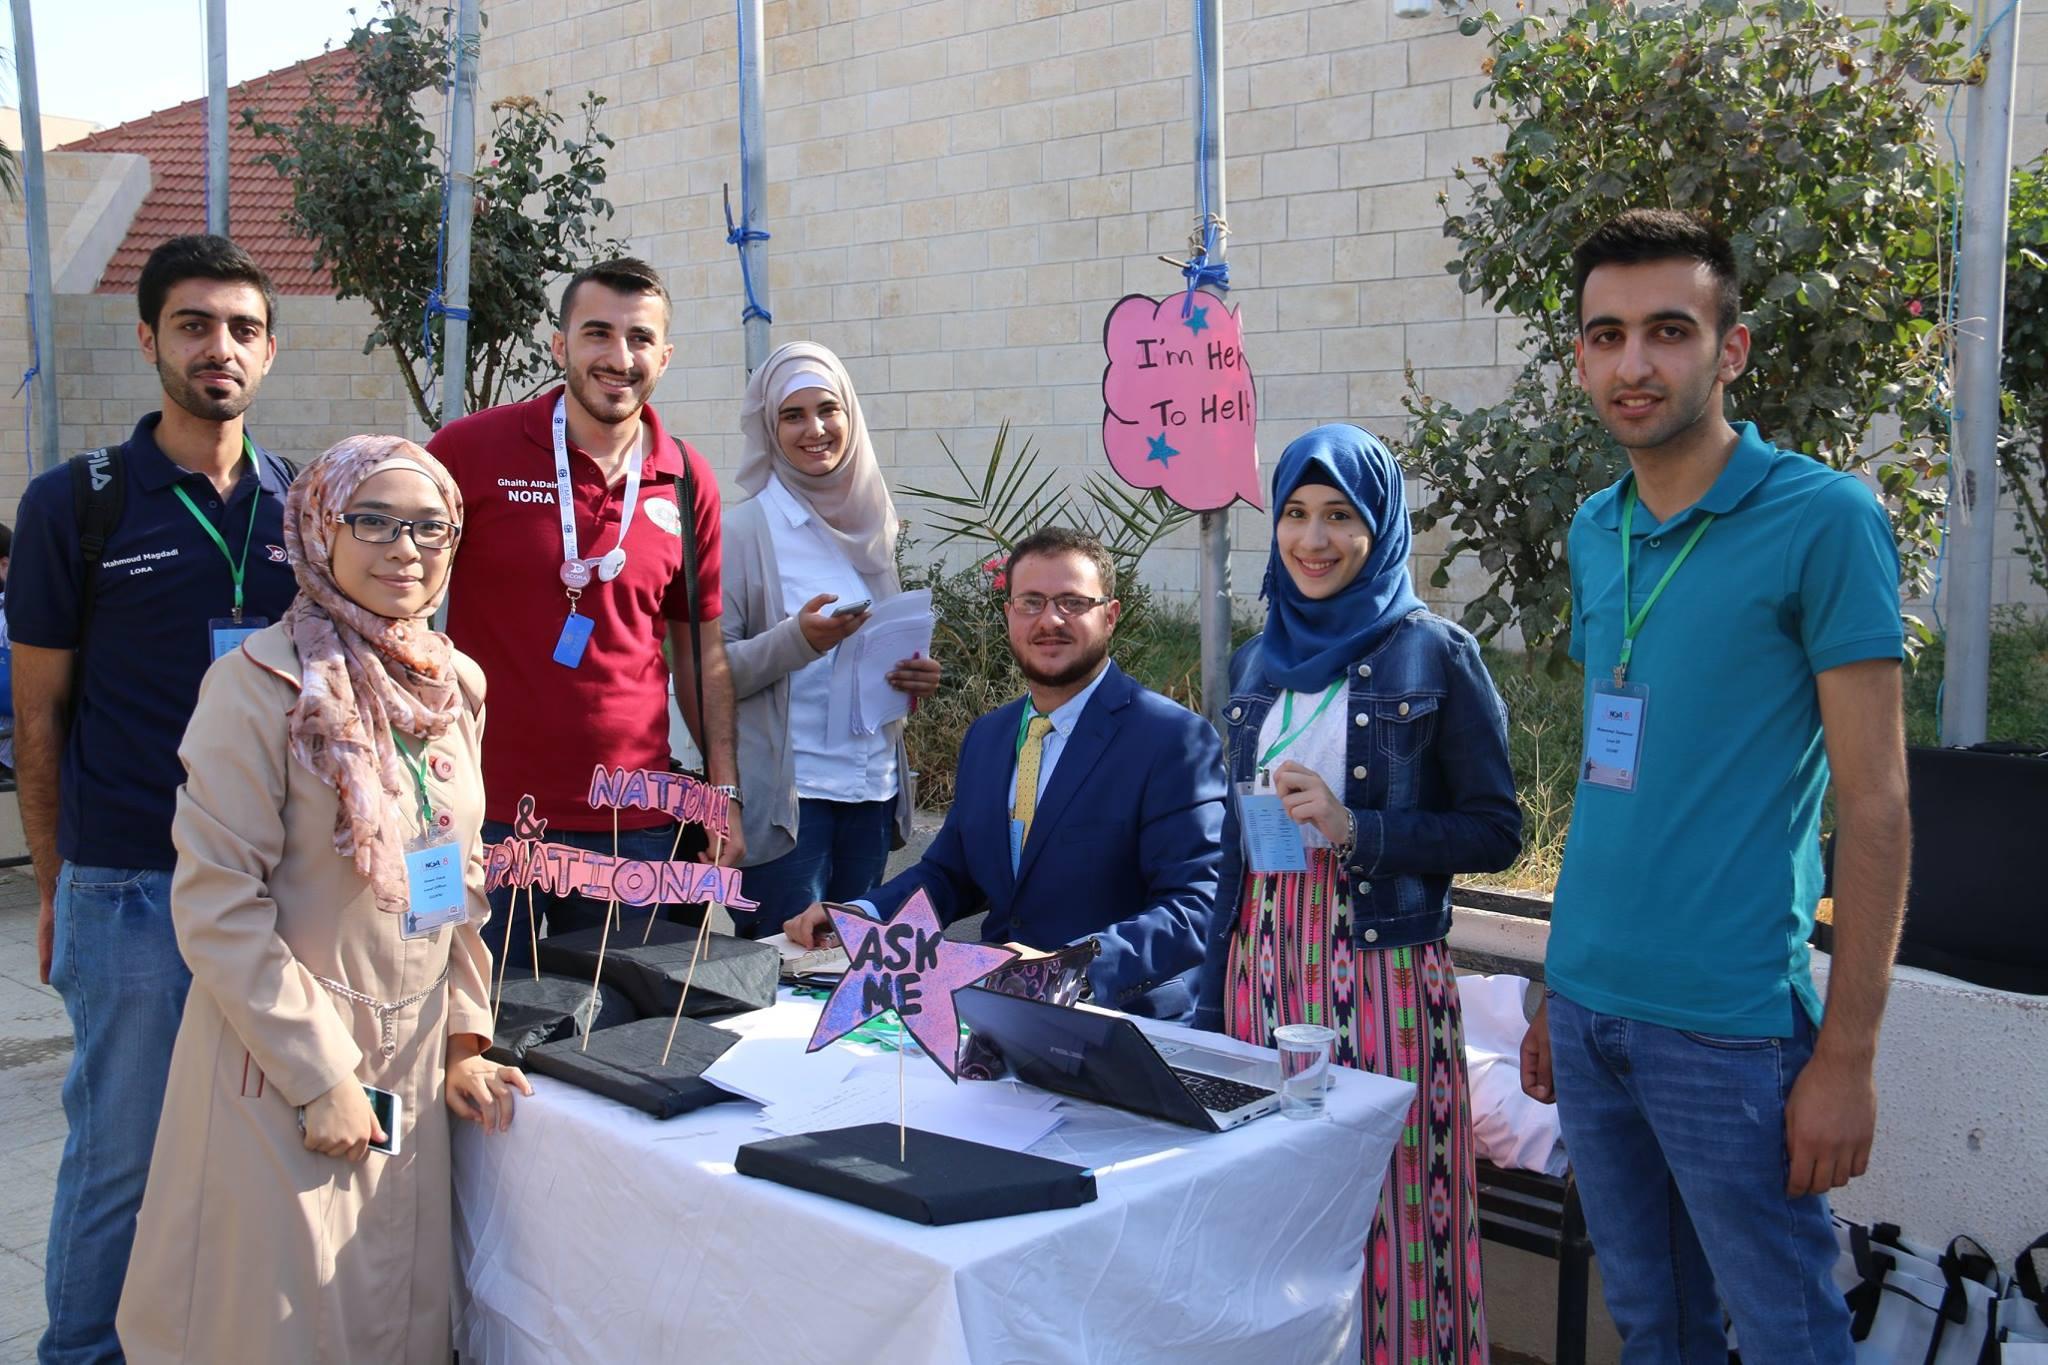 صور  ..  مؤتة: الجامعة تستضيف المؤتمر الطبي لجمعيات طلبة كليات الطب الأردنية